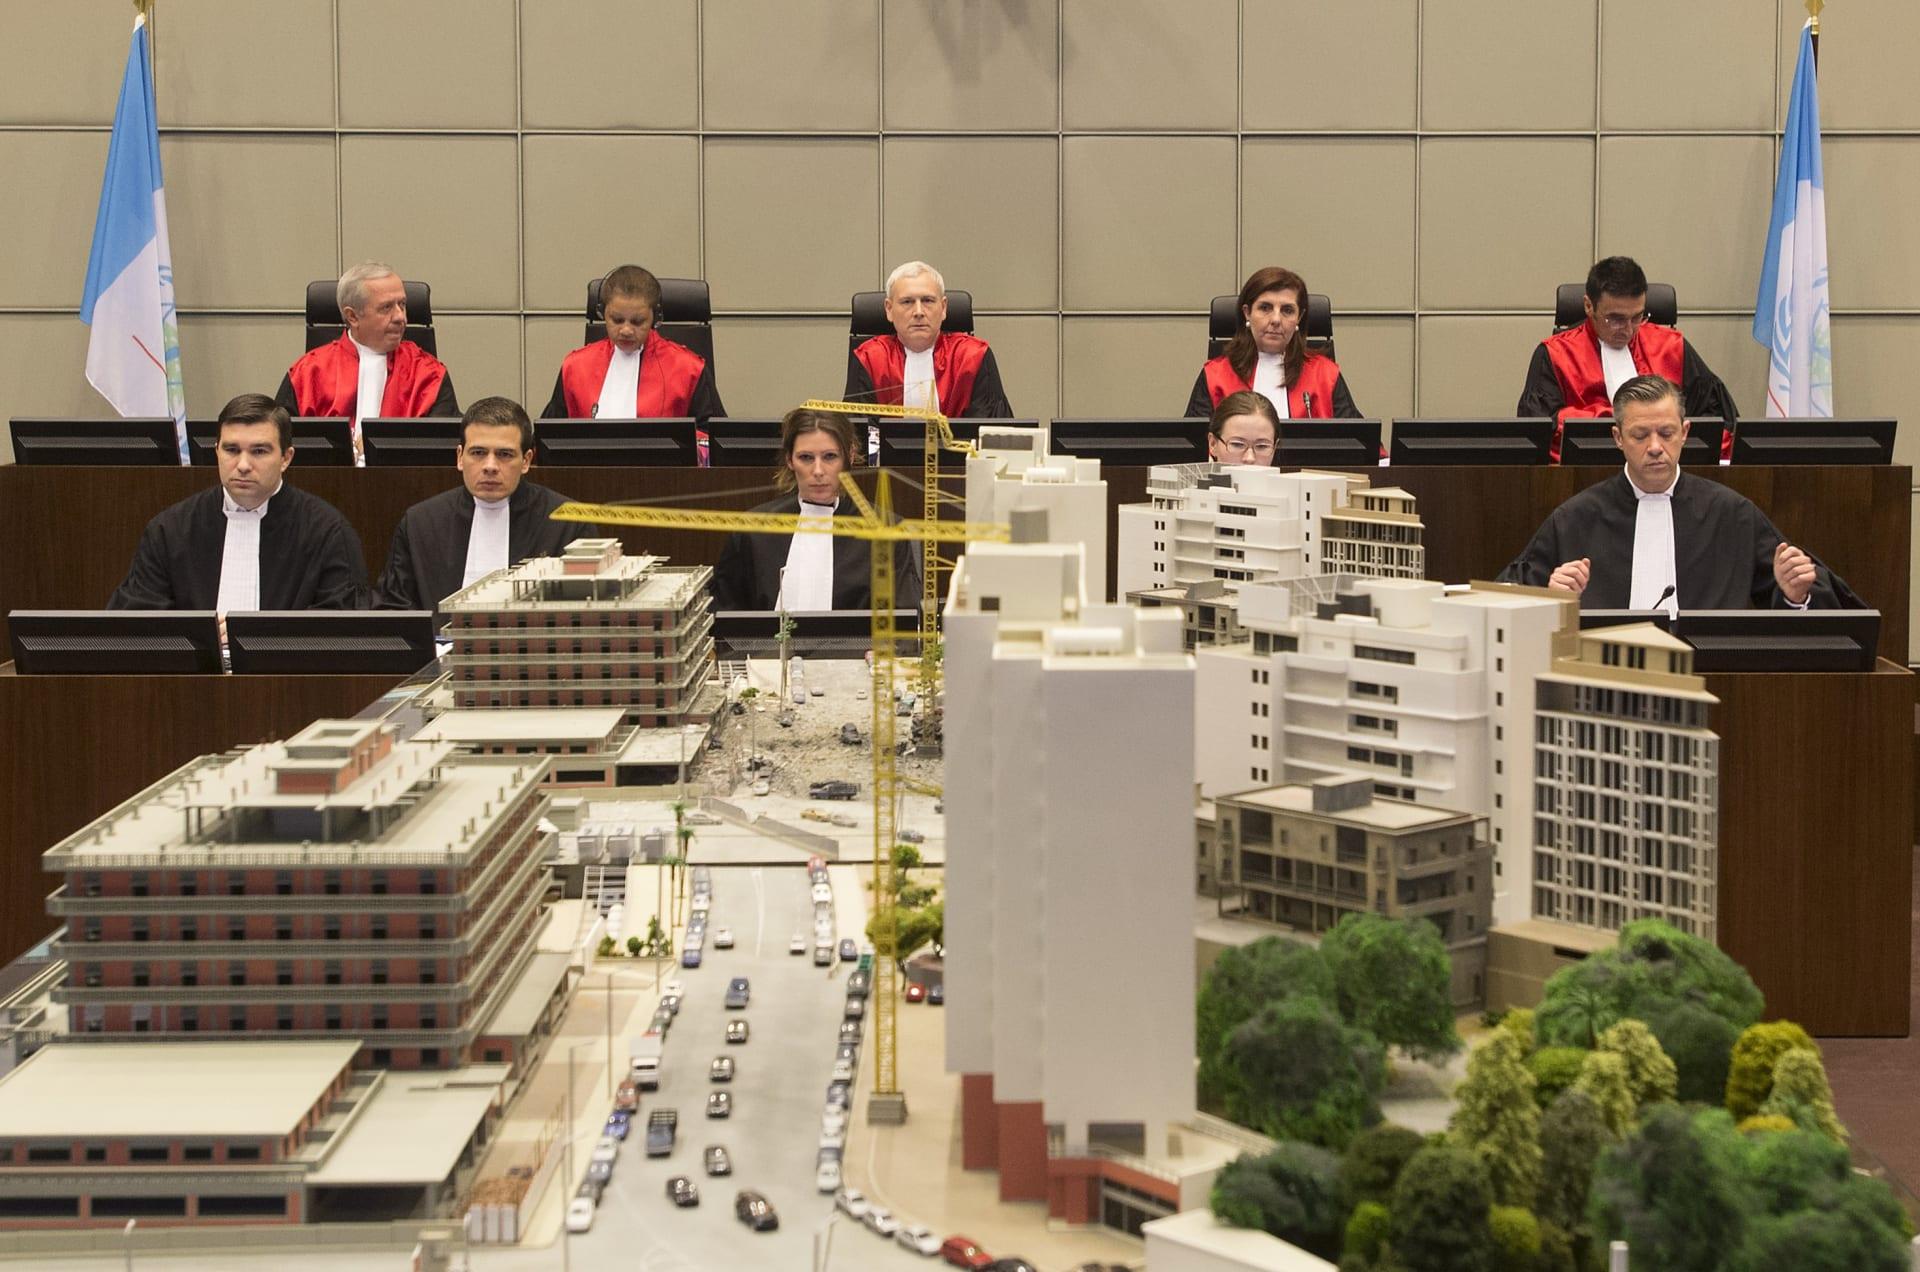 المحكمة الدولية الخاصة بلبنان والتي تنظر قضية اغتيال رئيس الوزراء الأسبق رفيق الحريري